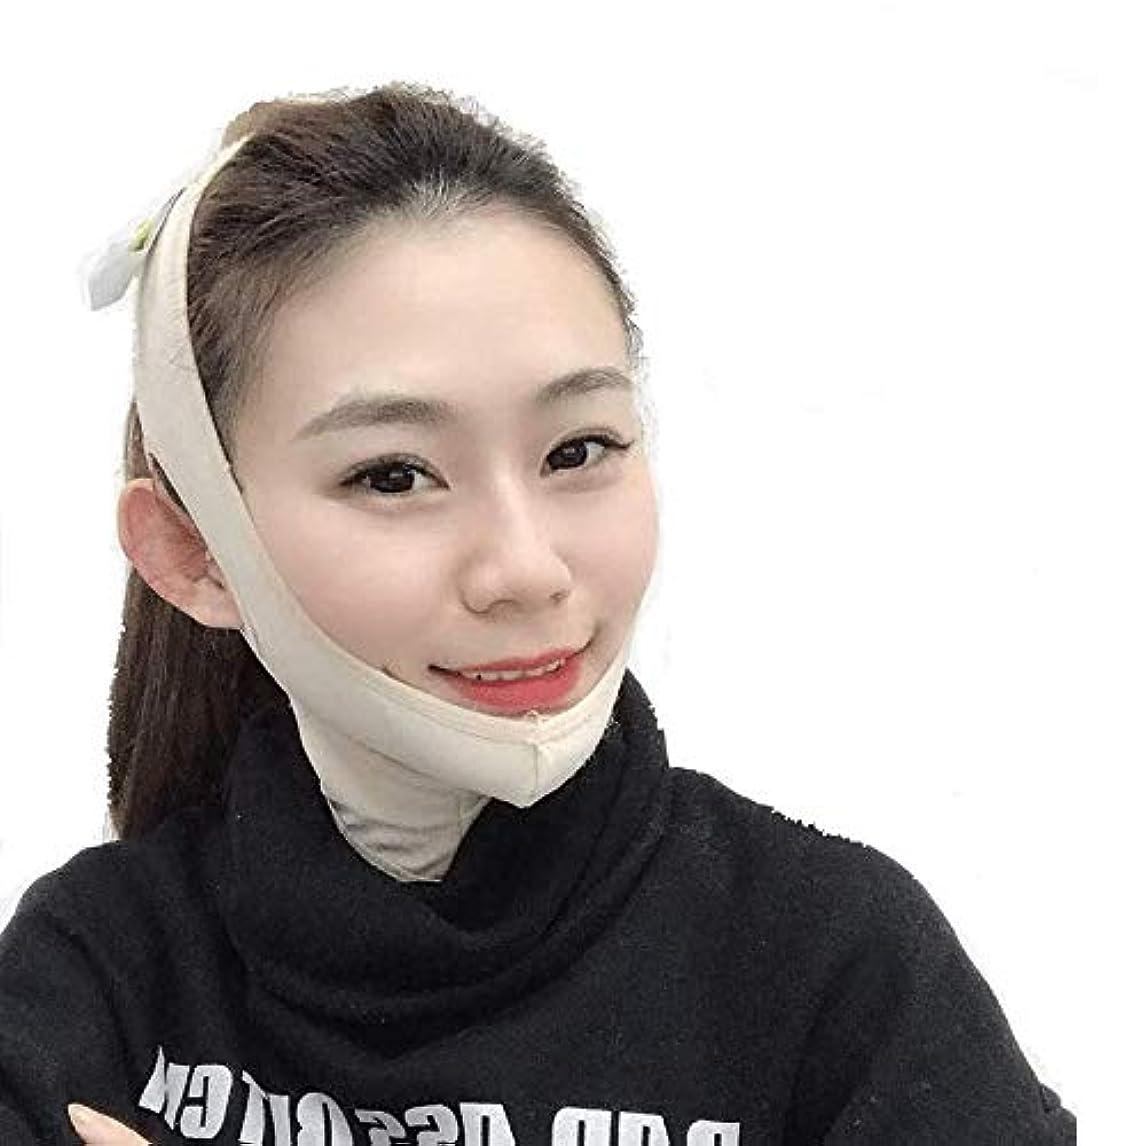 慣れているジョセフバンクス摂動睡眠の薄いフェイスバンド、小さなvフェイス包帯/リフティングフェイス引き締まる垂れアーティファクト/薄い二重あごの咬筋の筋肉マスク(カラー)